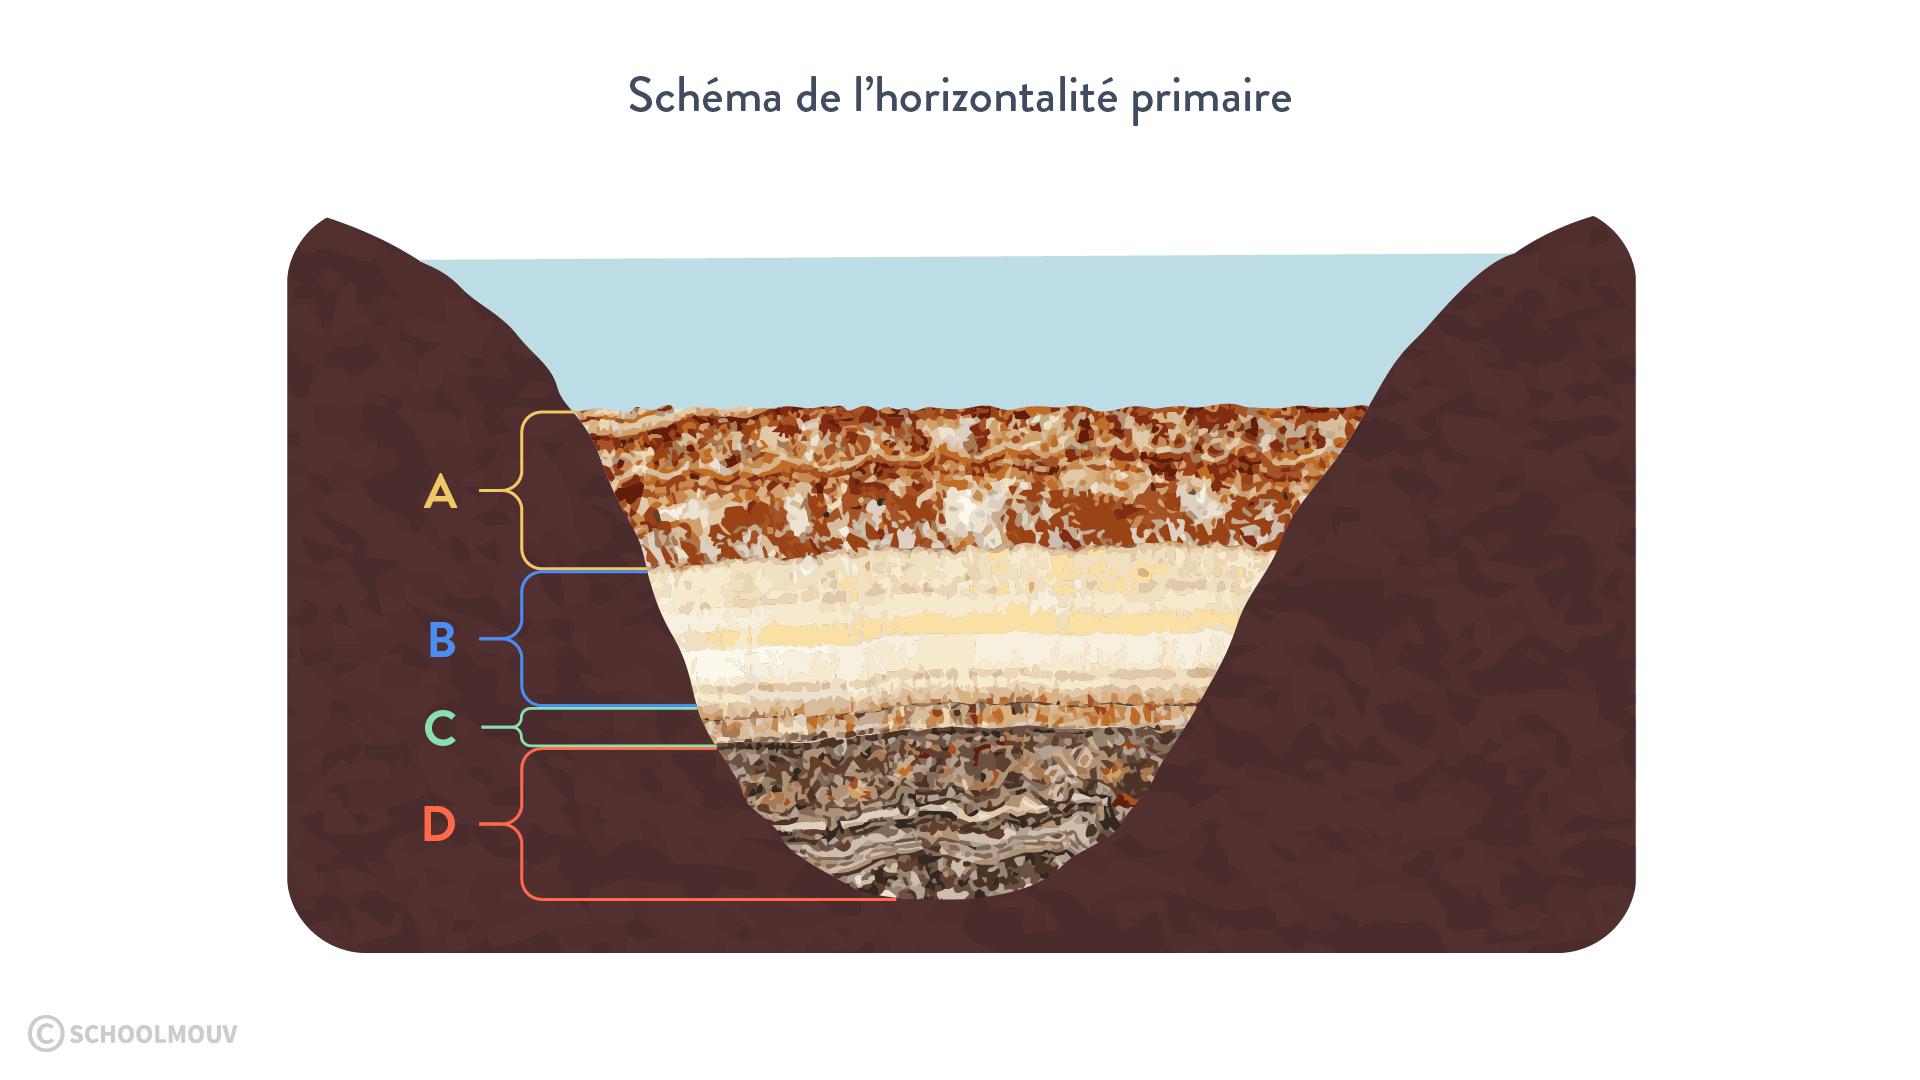 Schéma de l'horizontalité primaire